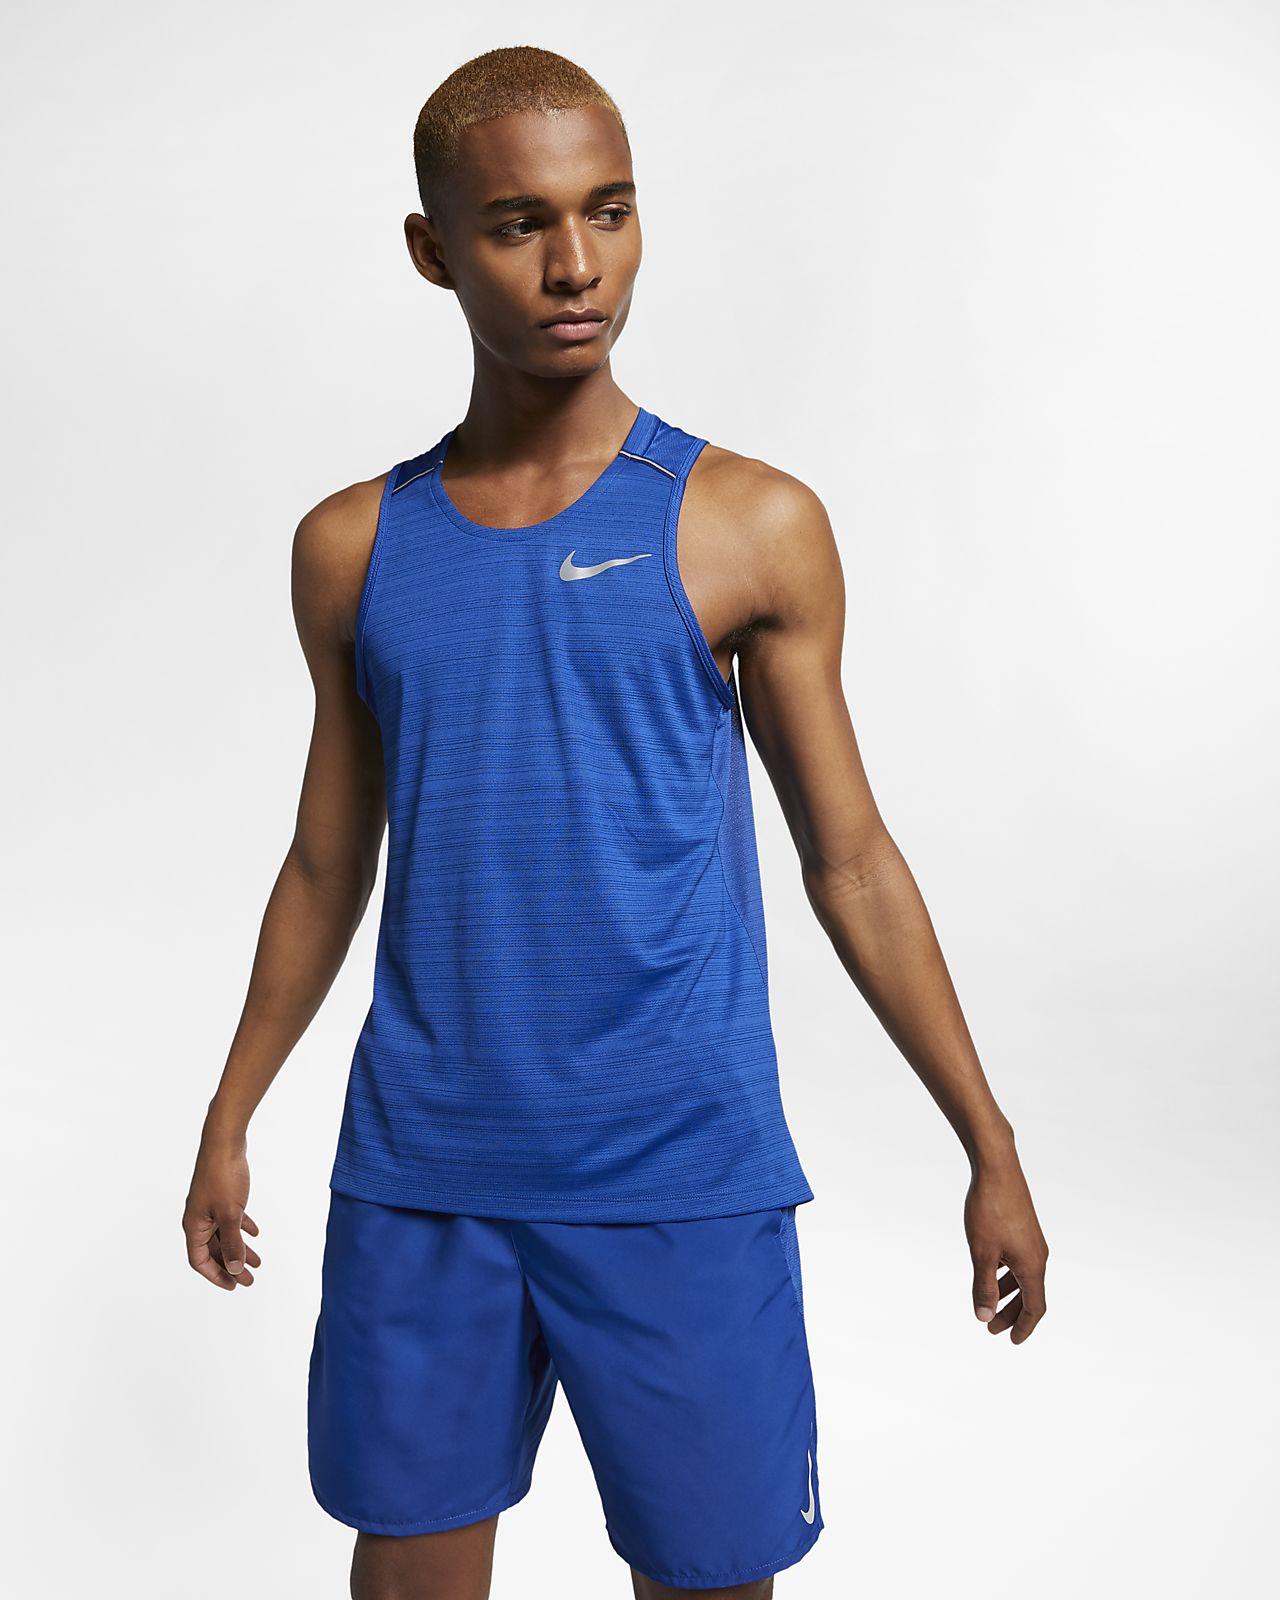 Löparlinne Nike Dri-FIT Miler för män